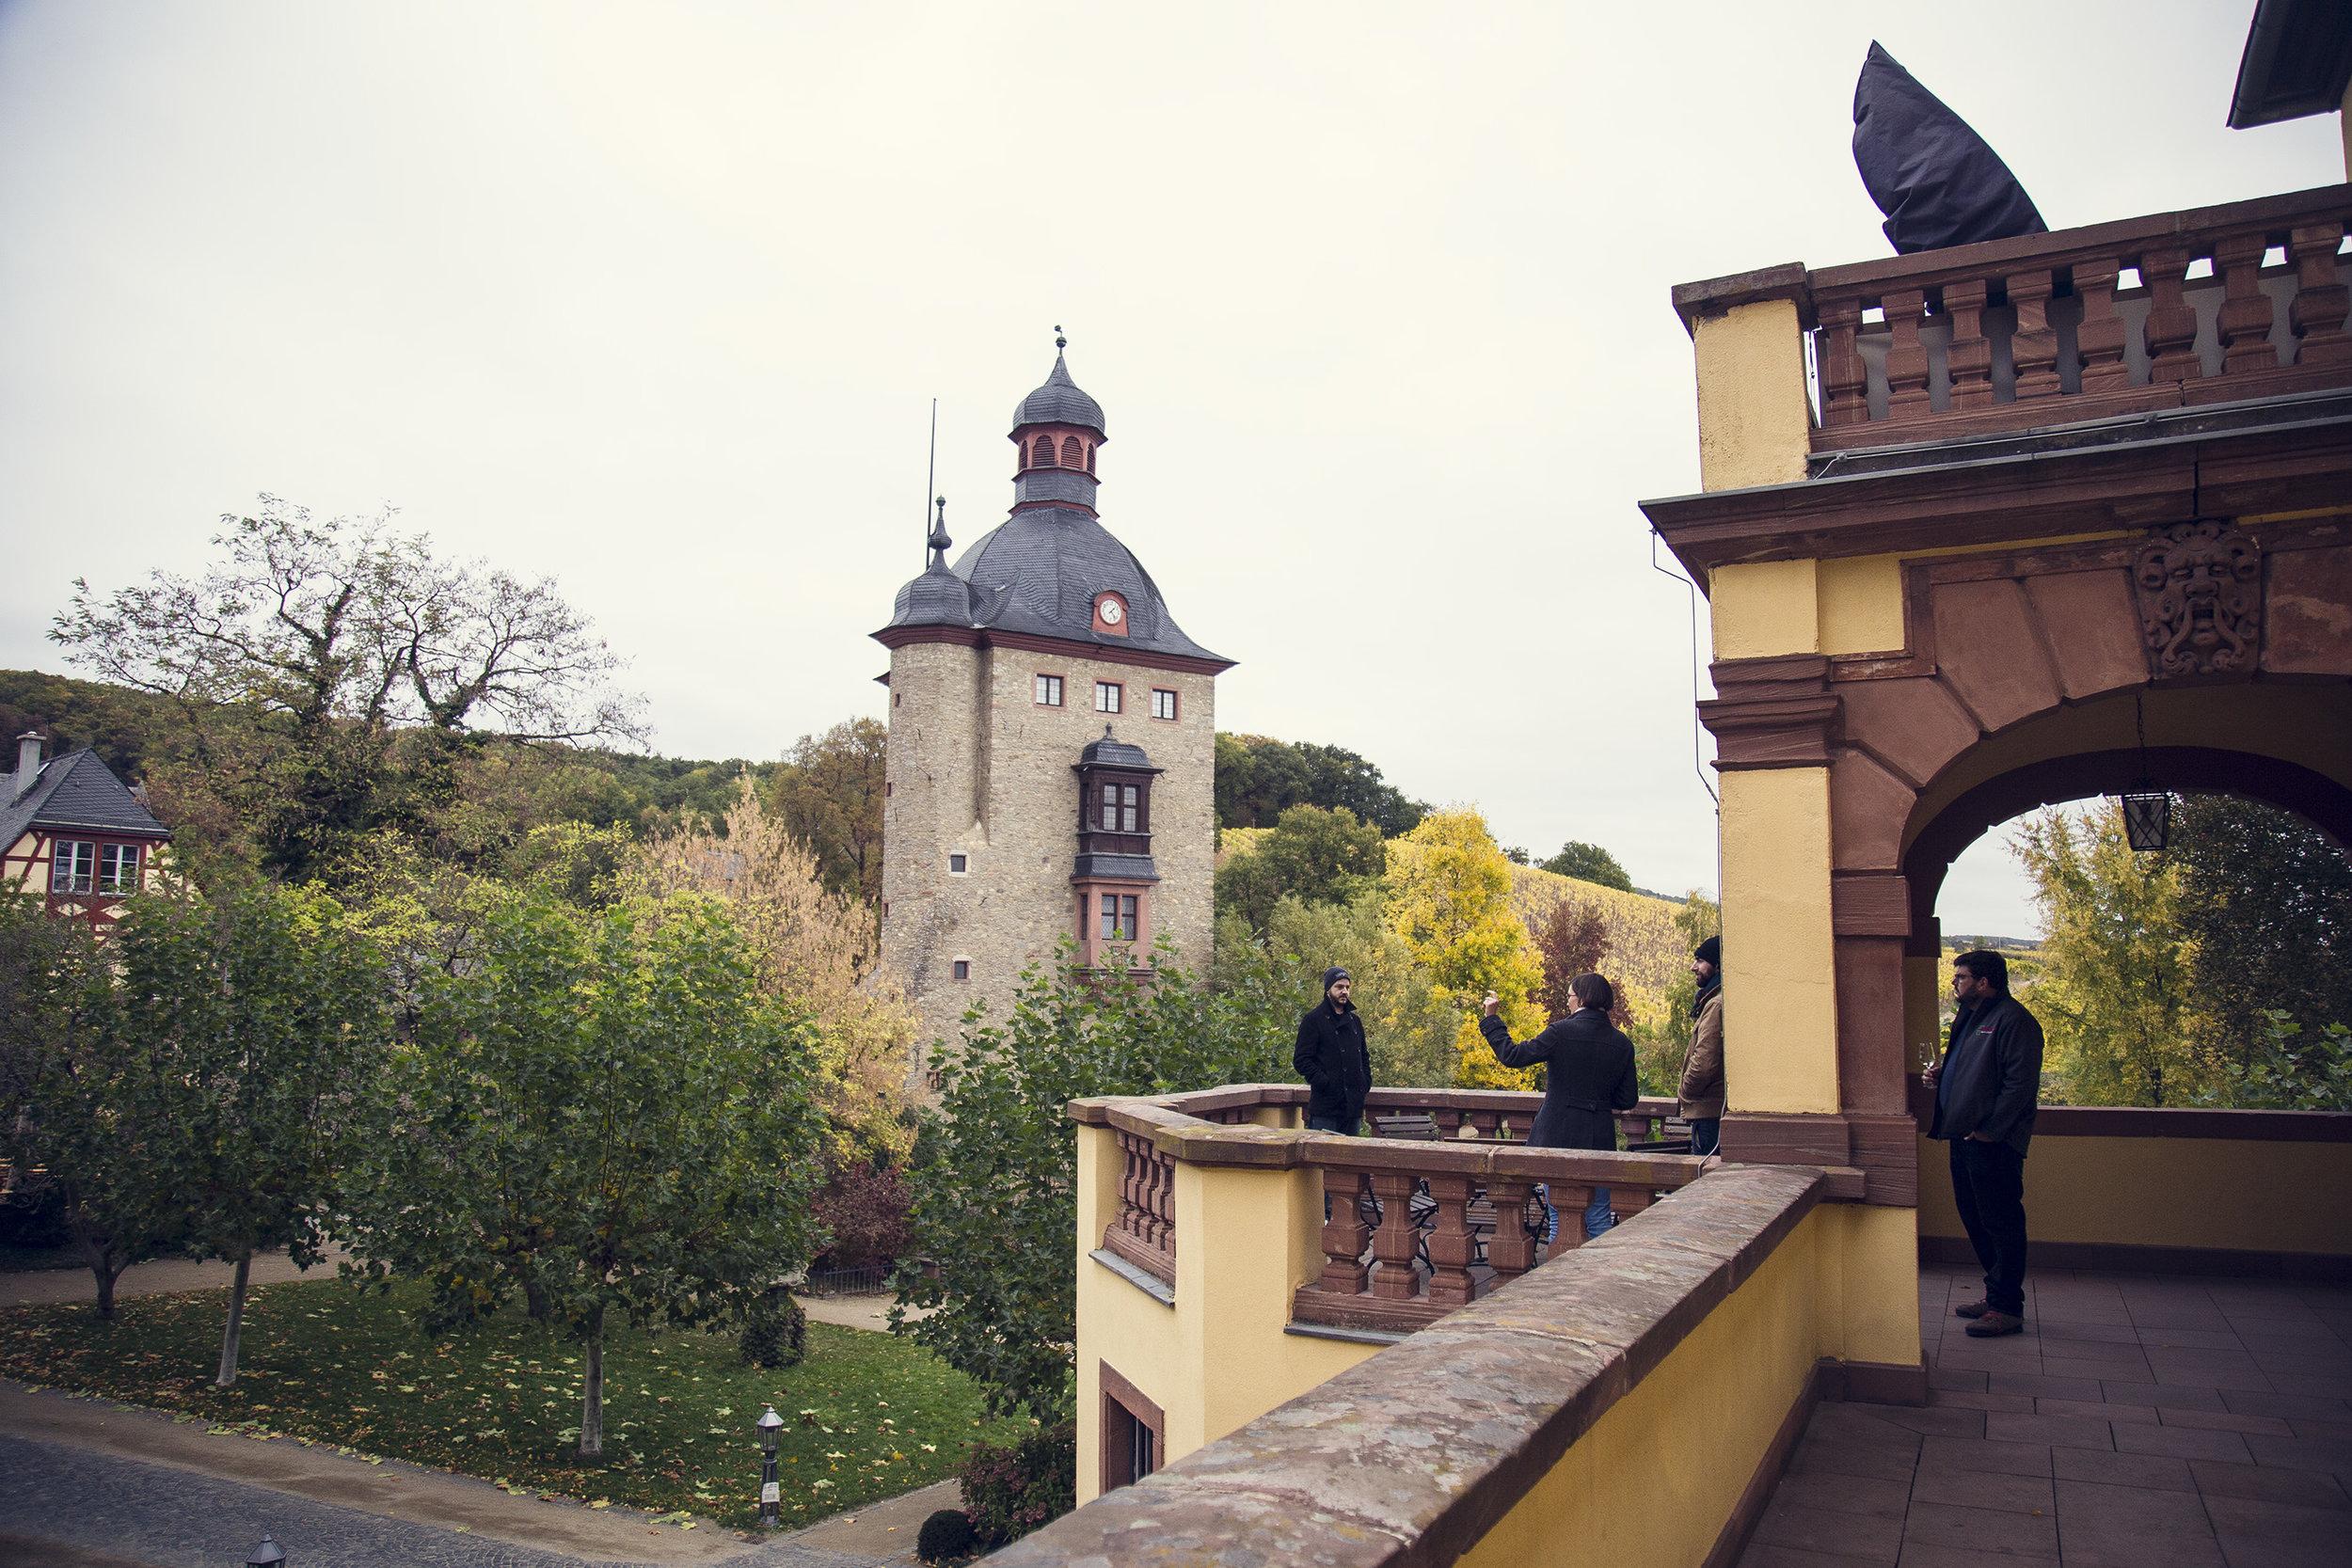 Vignoble Schloss Vollrads